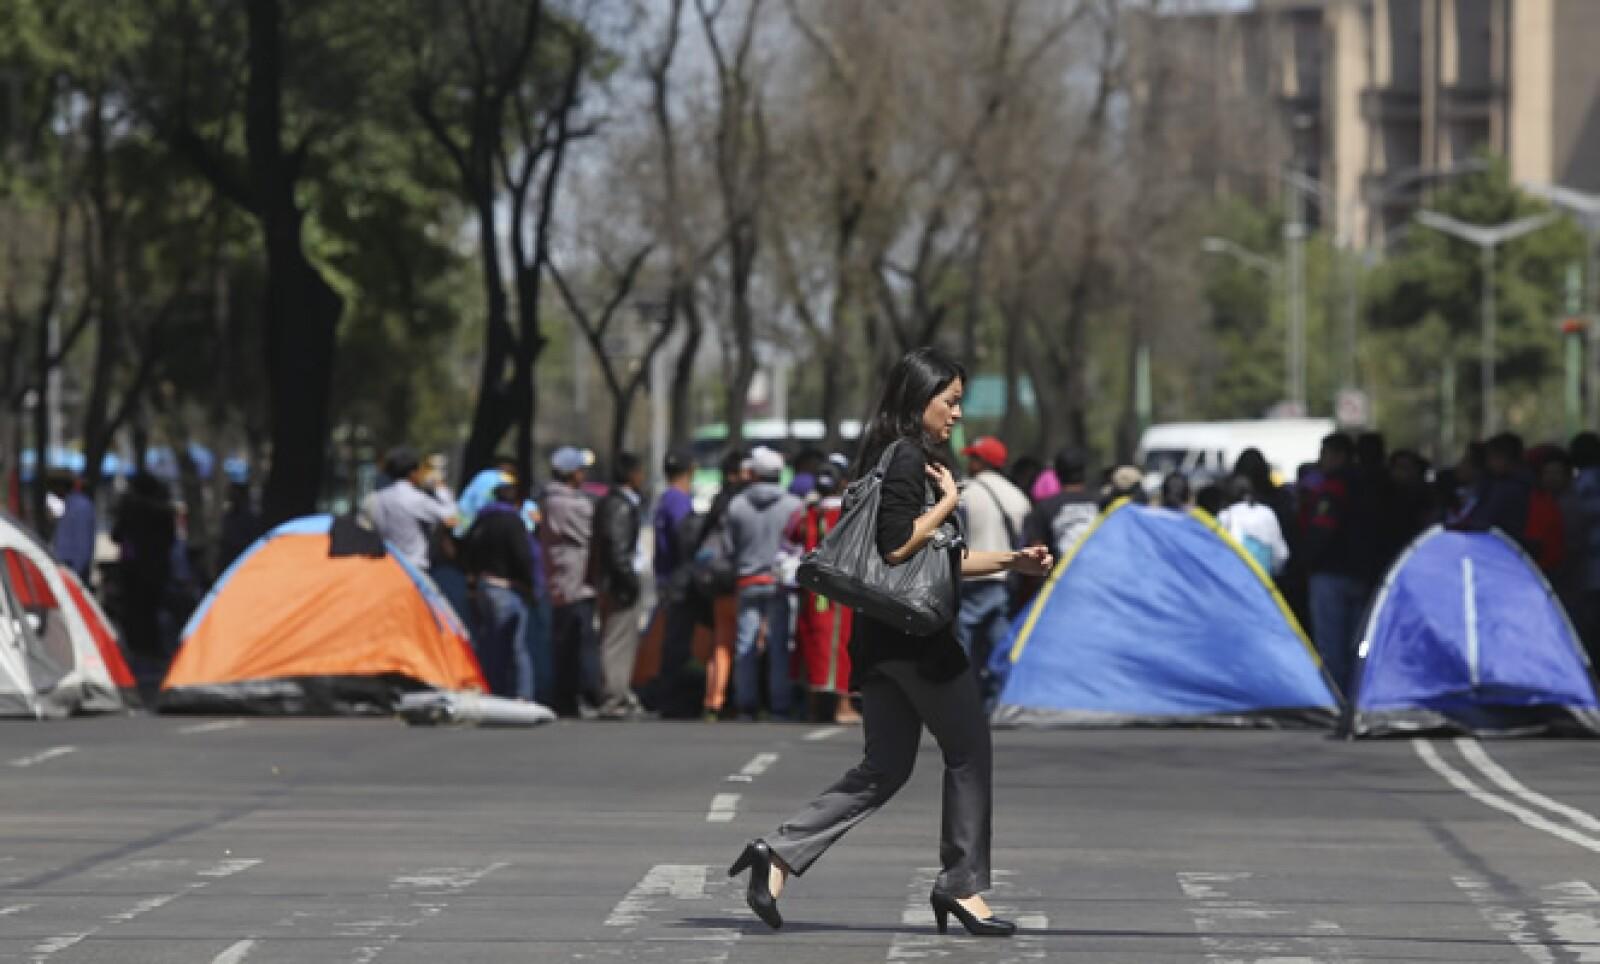 Autoridades del DF cerraron la circulación en ambos sentidos de Reforma, entre avenida de los Insurgentes y Violeta.